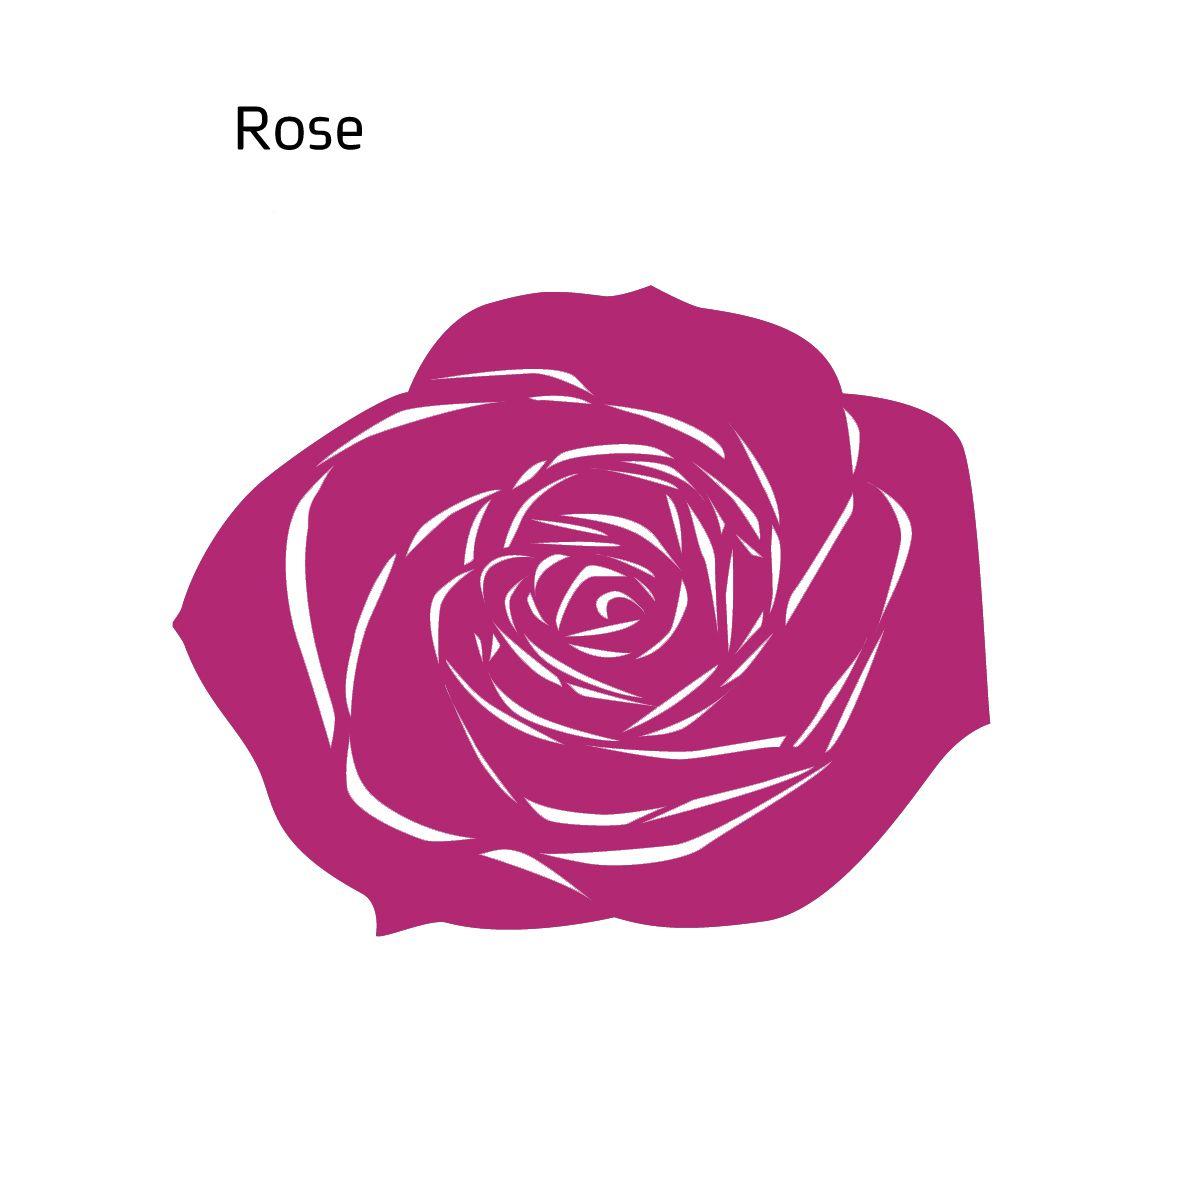 שטיח לבד ROSE בצבע מג'נטה